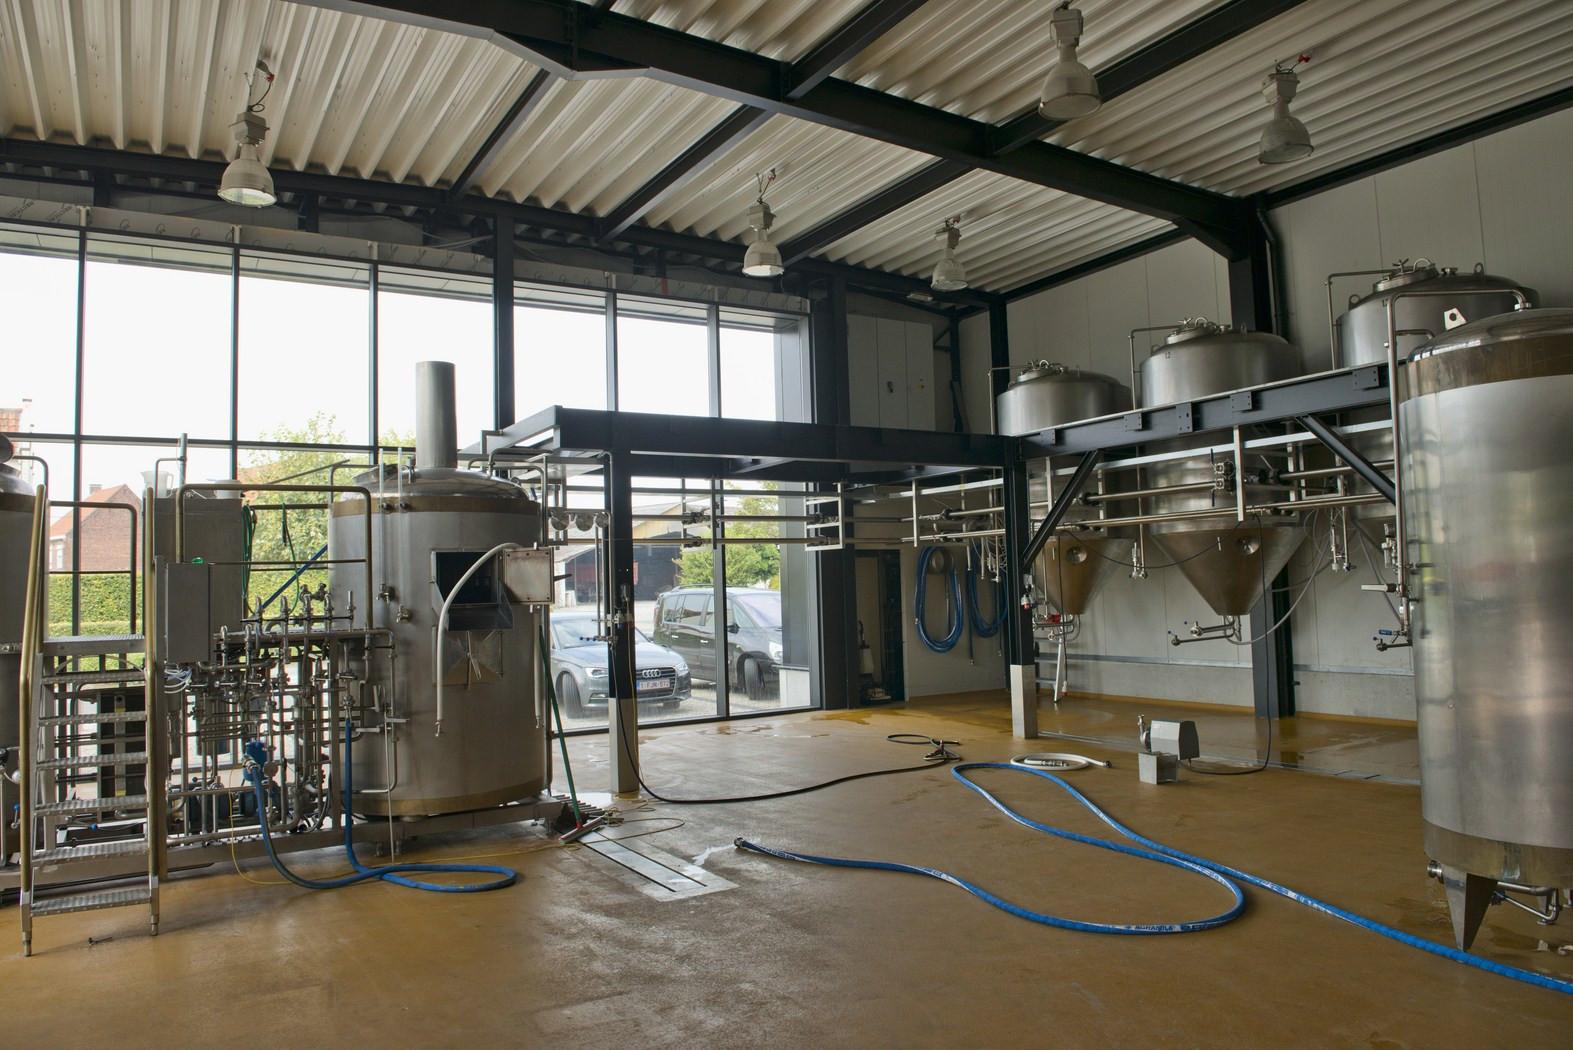 Brouwerij Gulden spoor (17).JPG